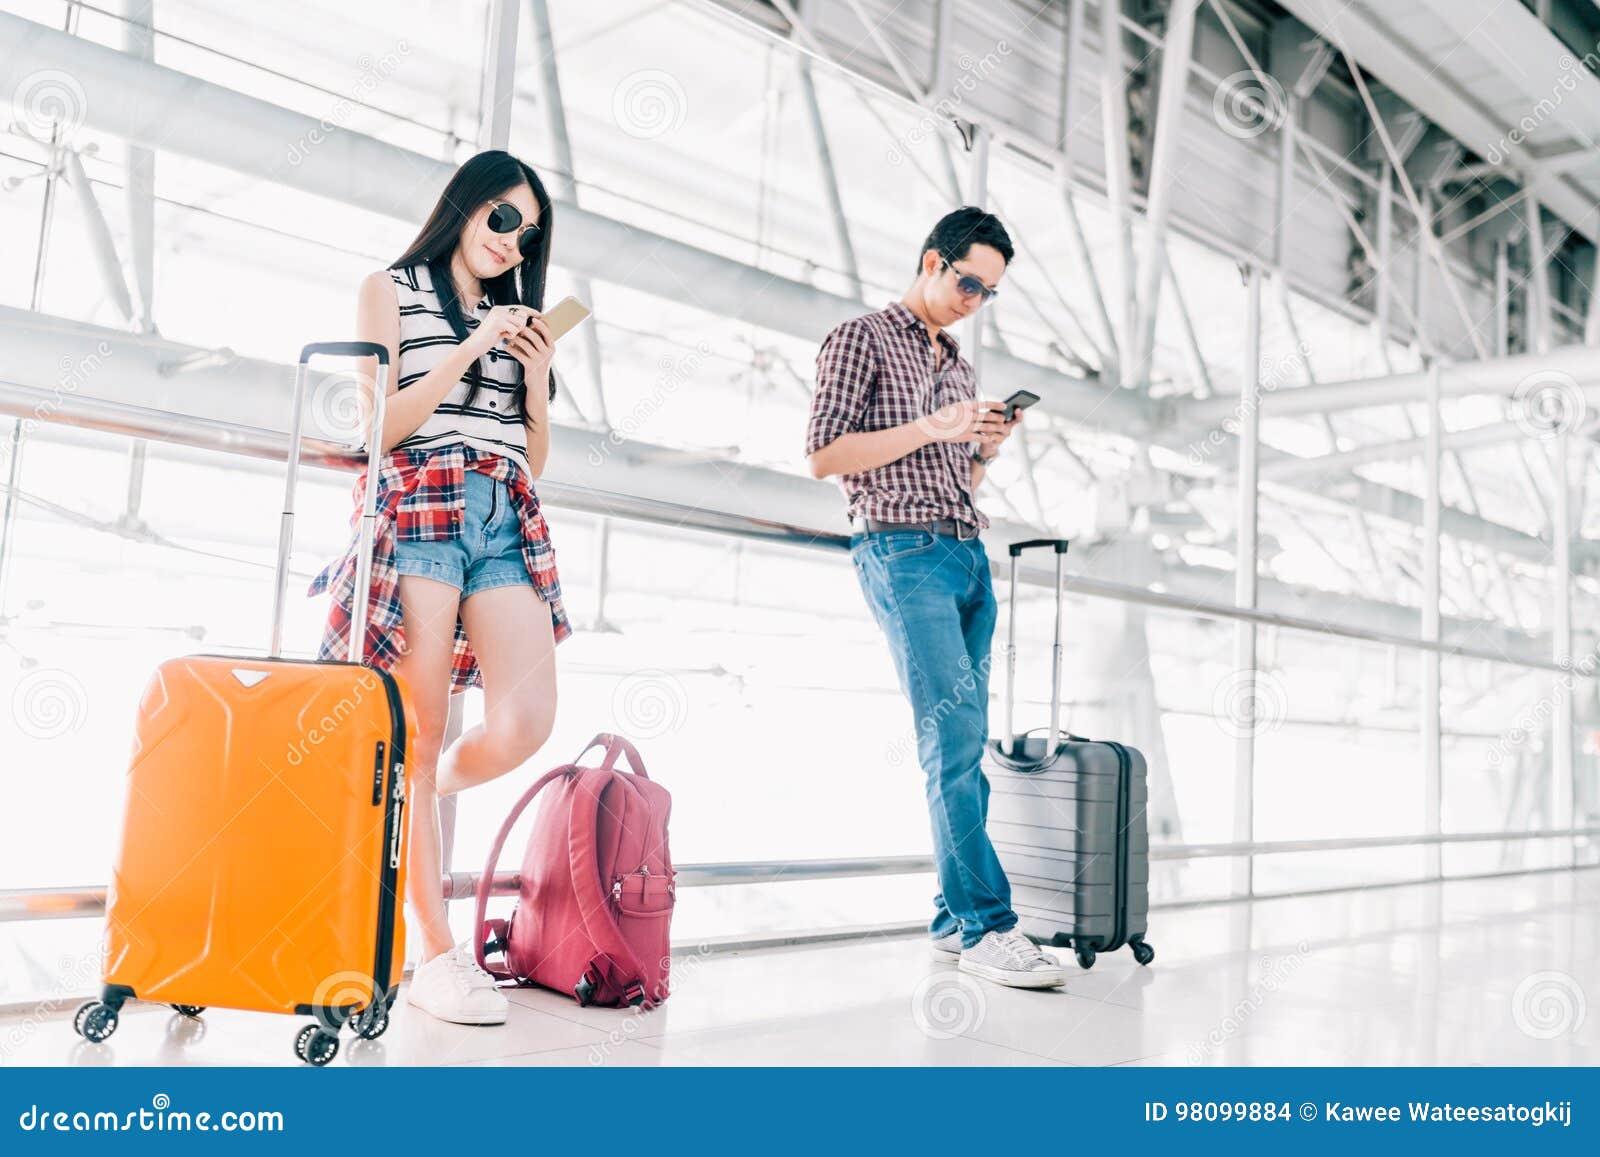 039616916a1e Flight Travel Bags Online - Restaurant Grotto Ticino, Pizzeria ...